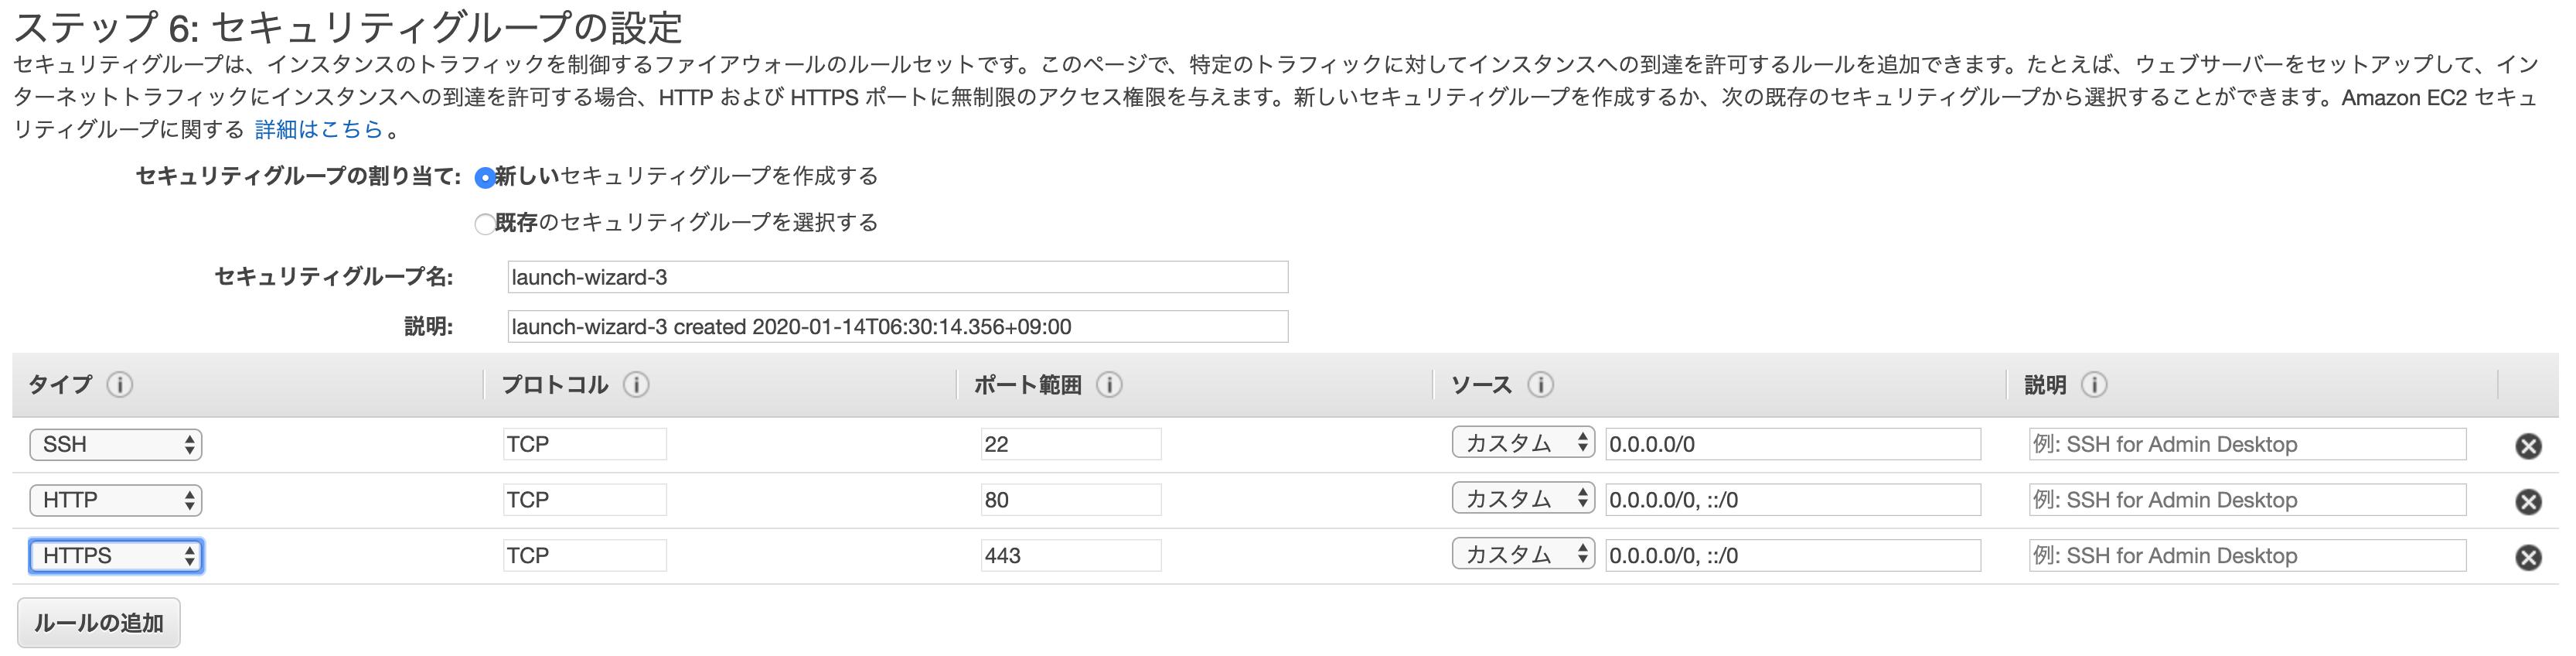 スクリーンショット 2020-01-14 6.31.41.png